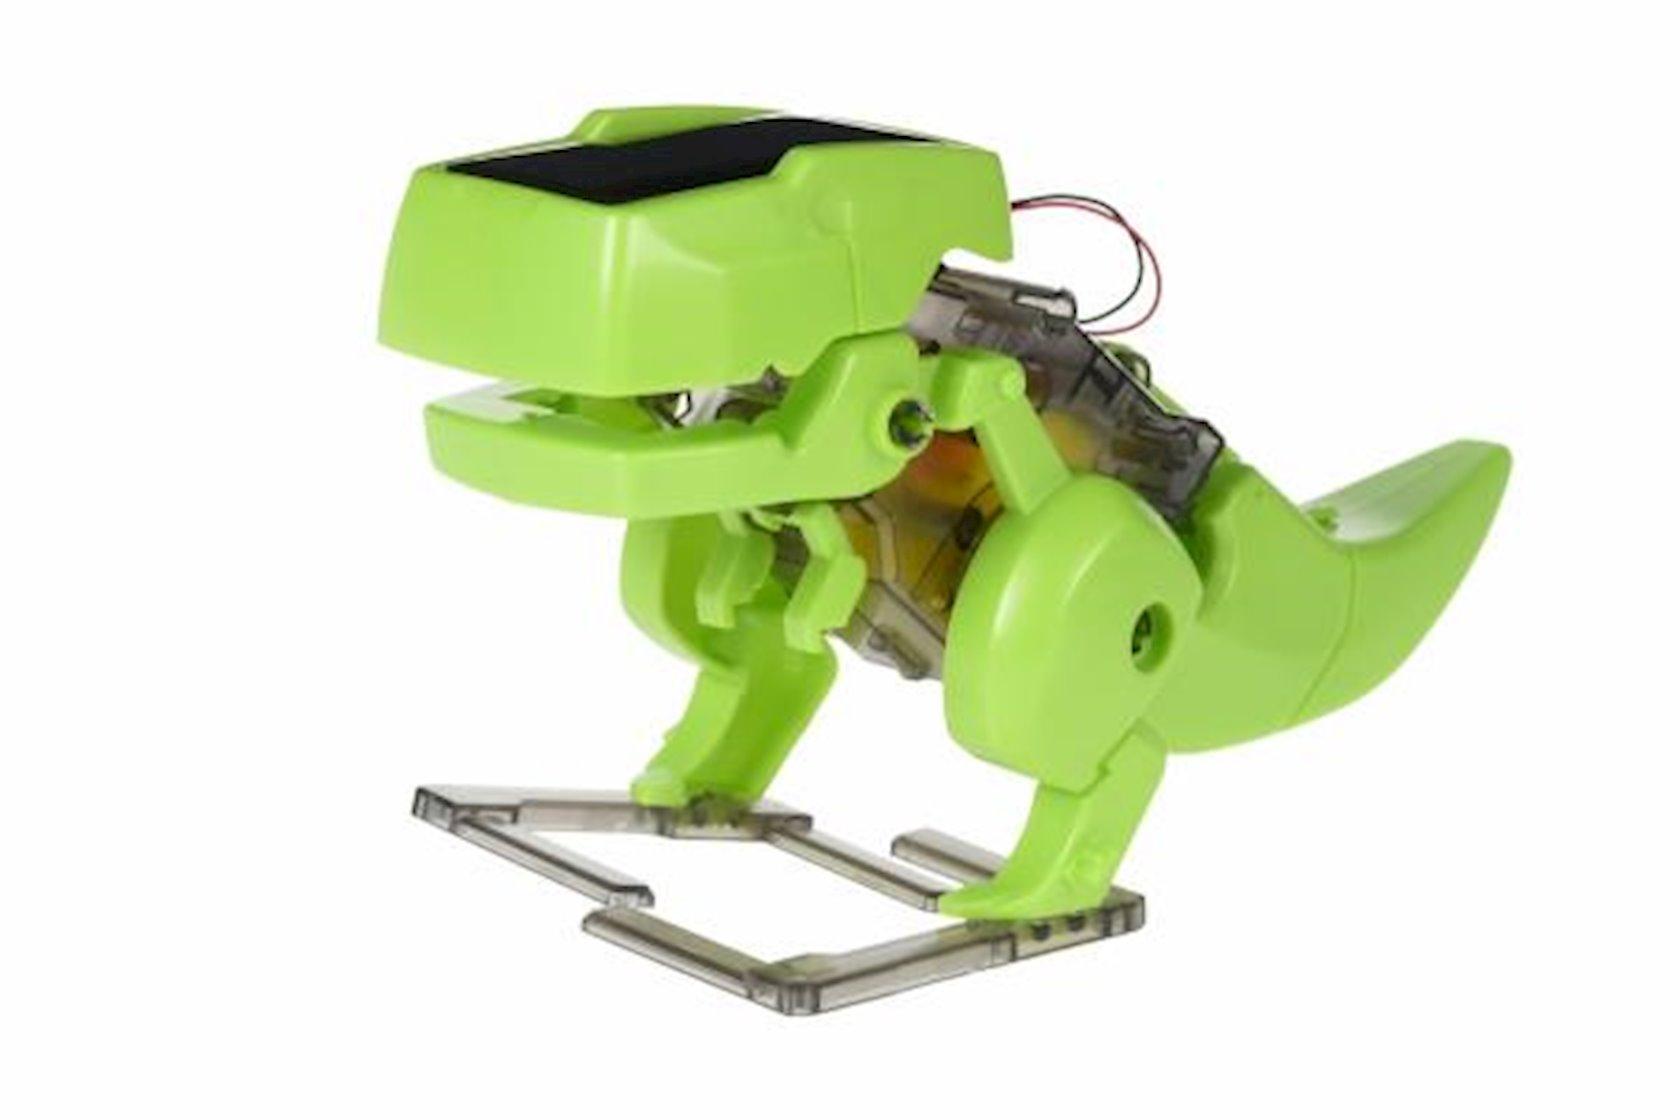 Robot konstruktor Same Toy Dinobot 4-də 1 günəş enerjisi ilə işləyir,8+ yaş